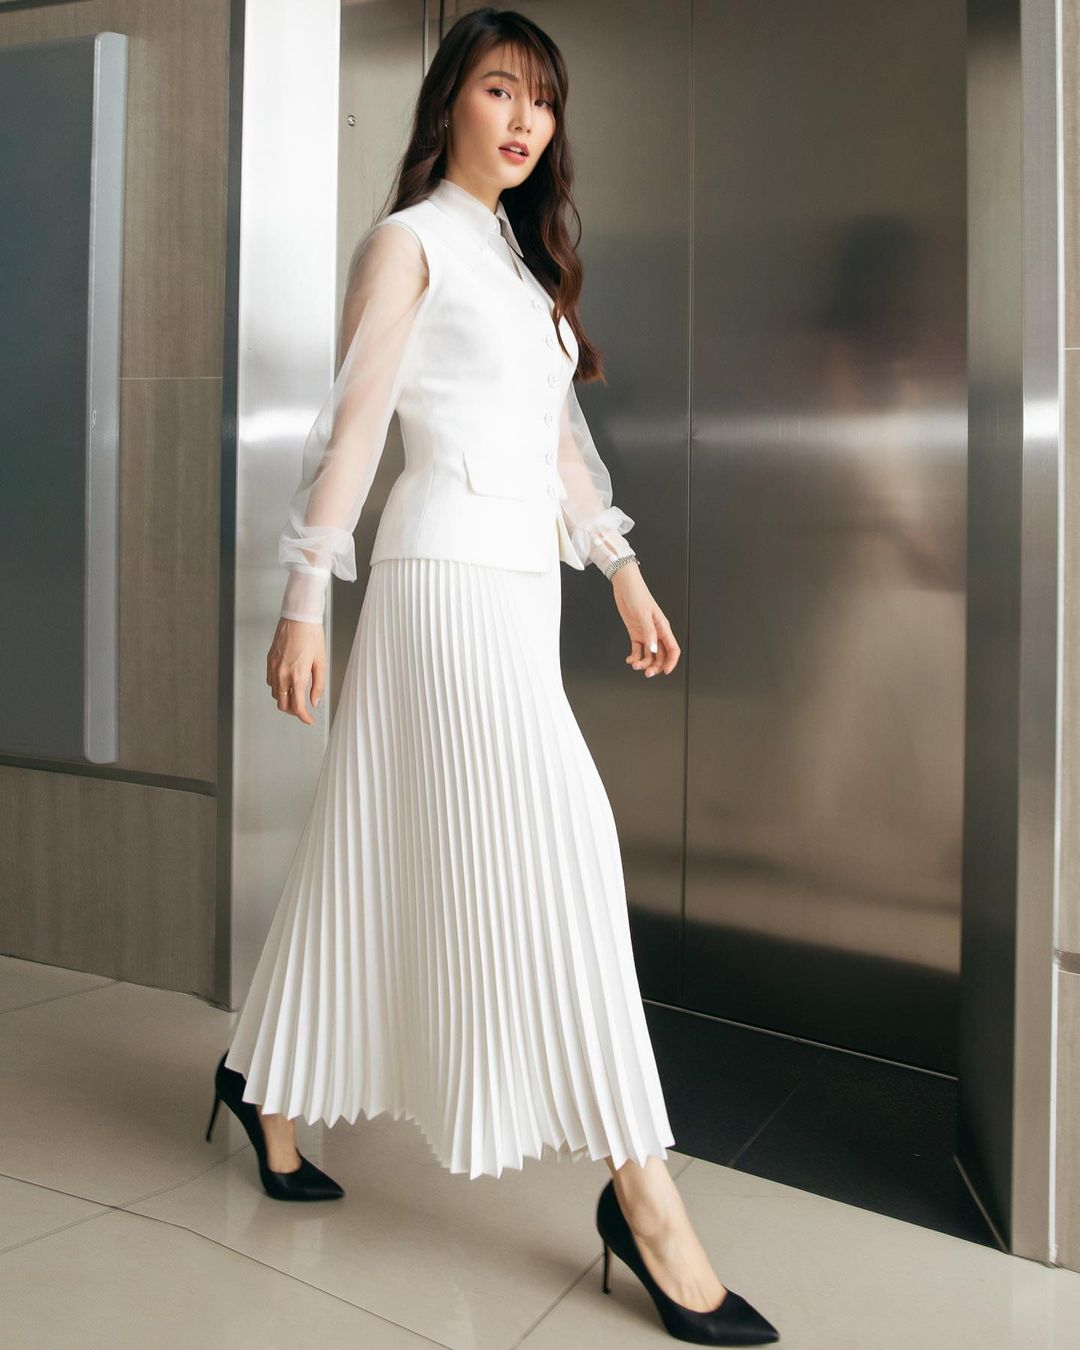 Học mỹ nhân Vbiz sắm ngay 5 kiểu chân váy dài đẹp và sang ngút ngàn 008